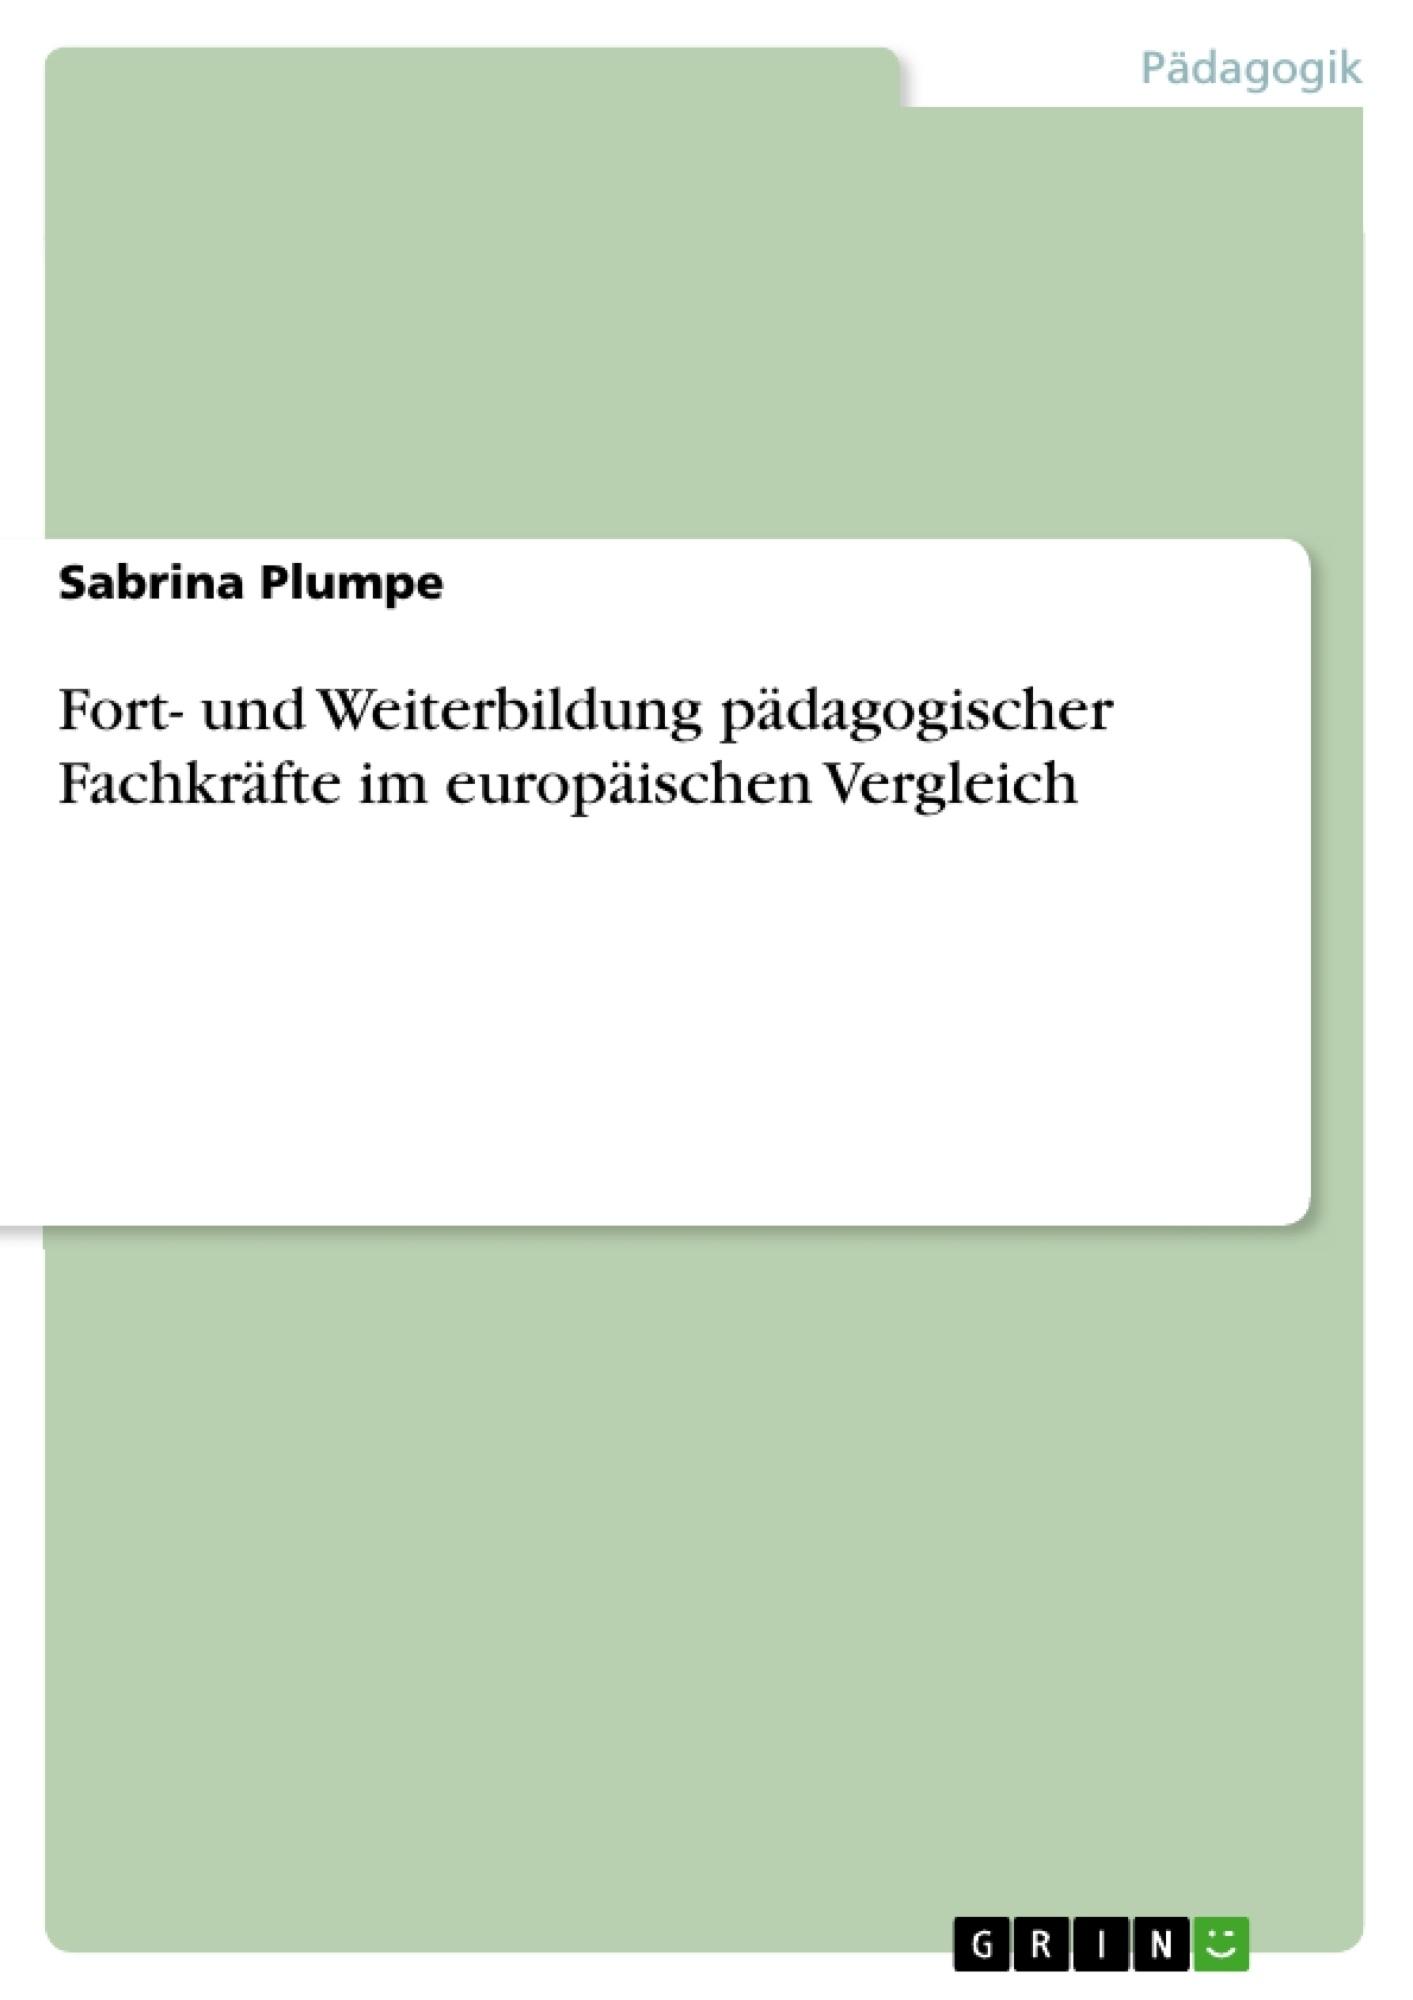 Titel: Fort- und Weiterbildung pädagogischer Fachkräfte im europäischen Vergleich